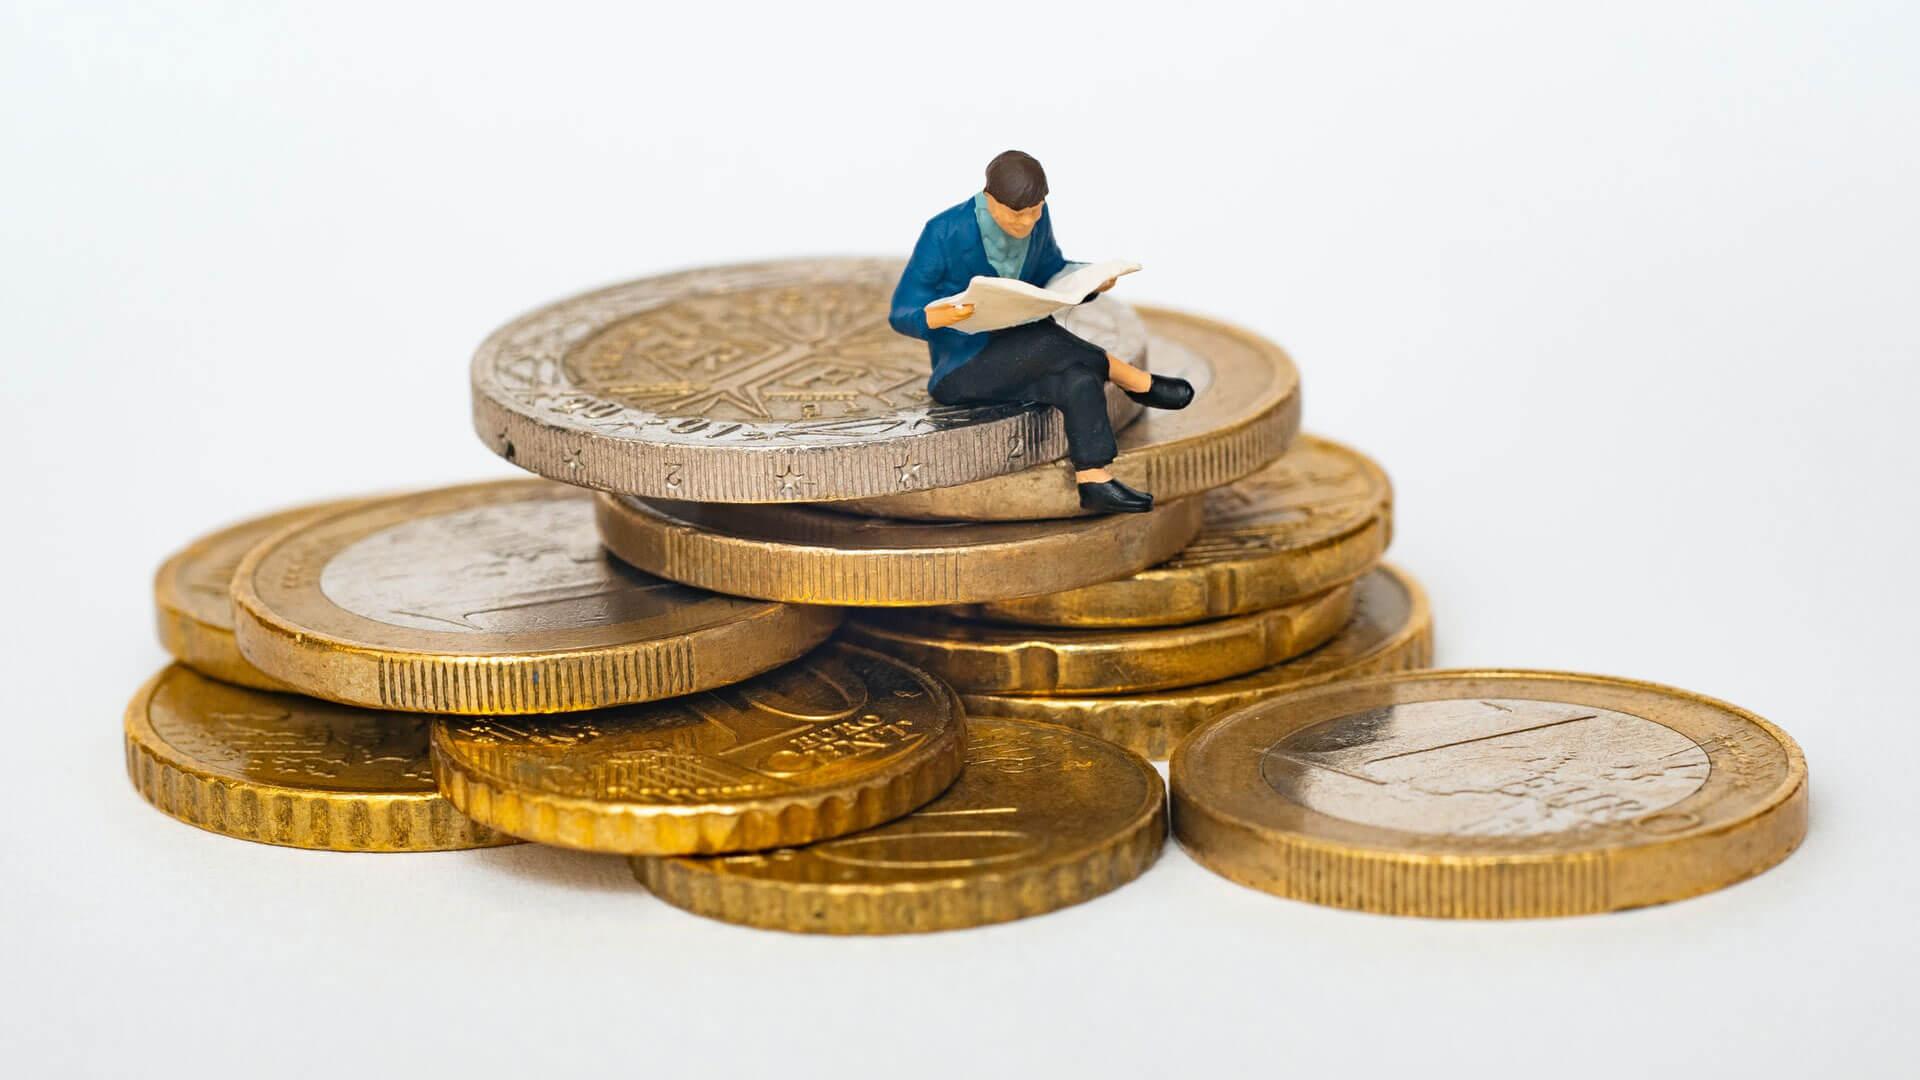 Boneco sentado em moedas de euro